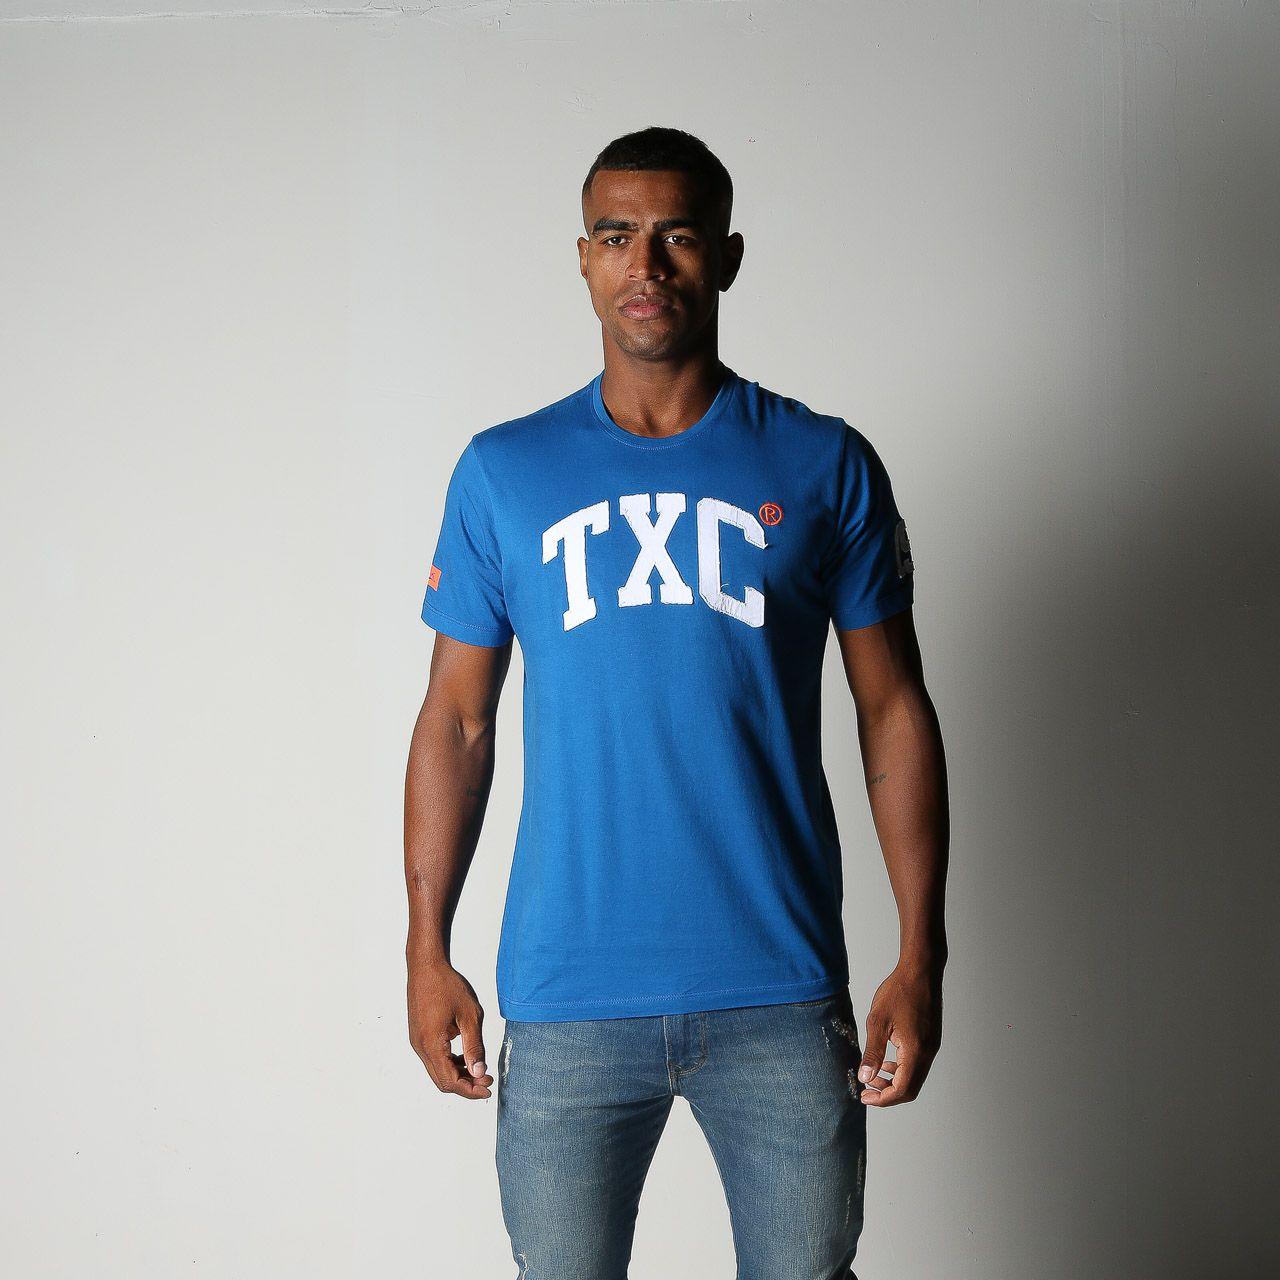 Camiseta TXC Brand 1904